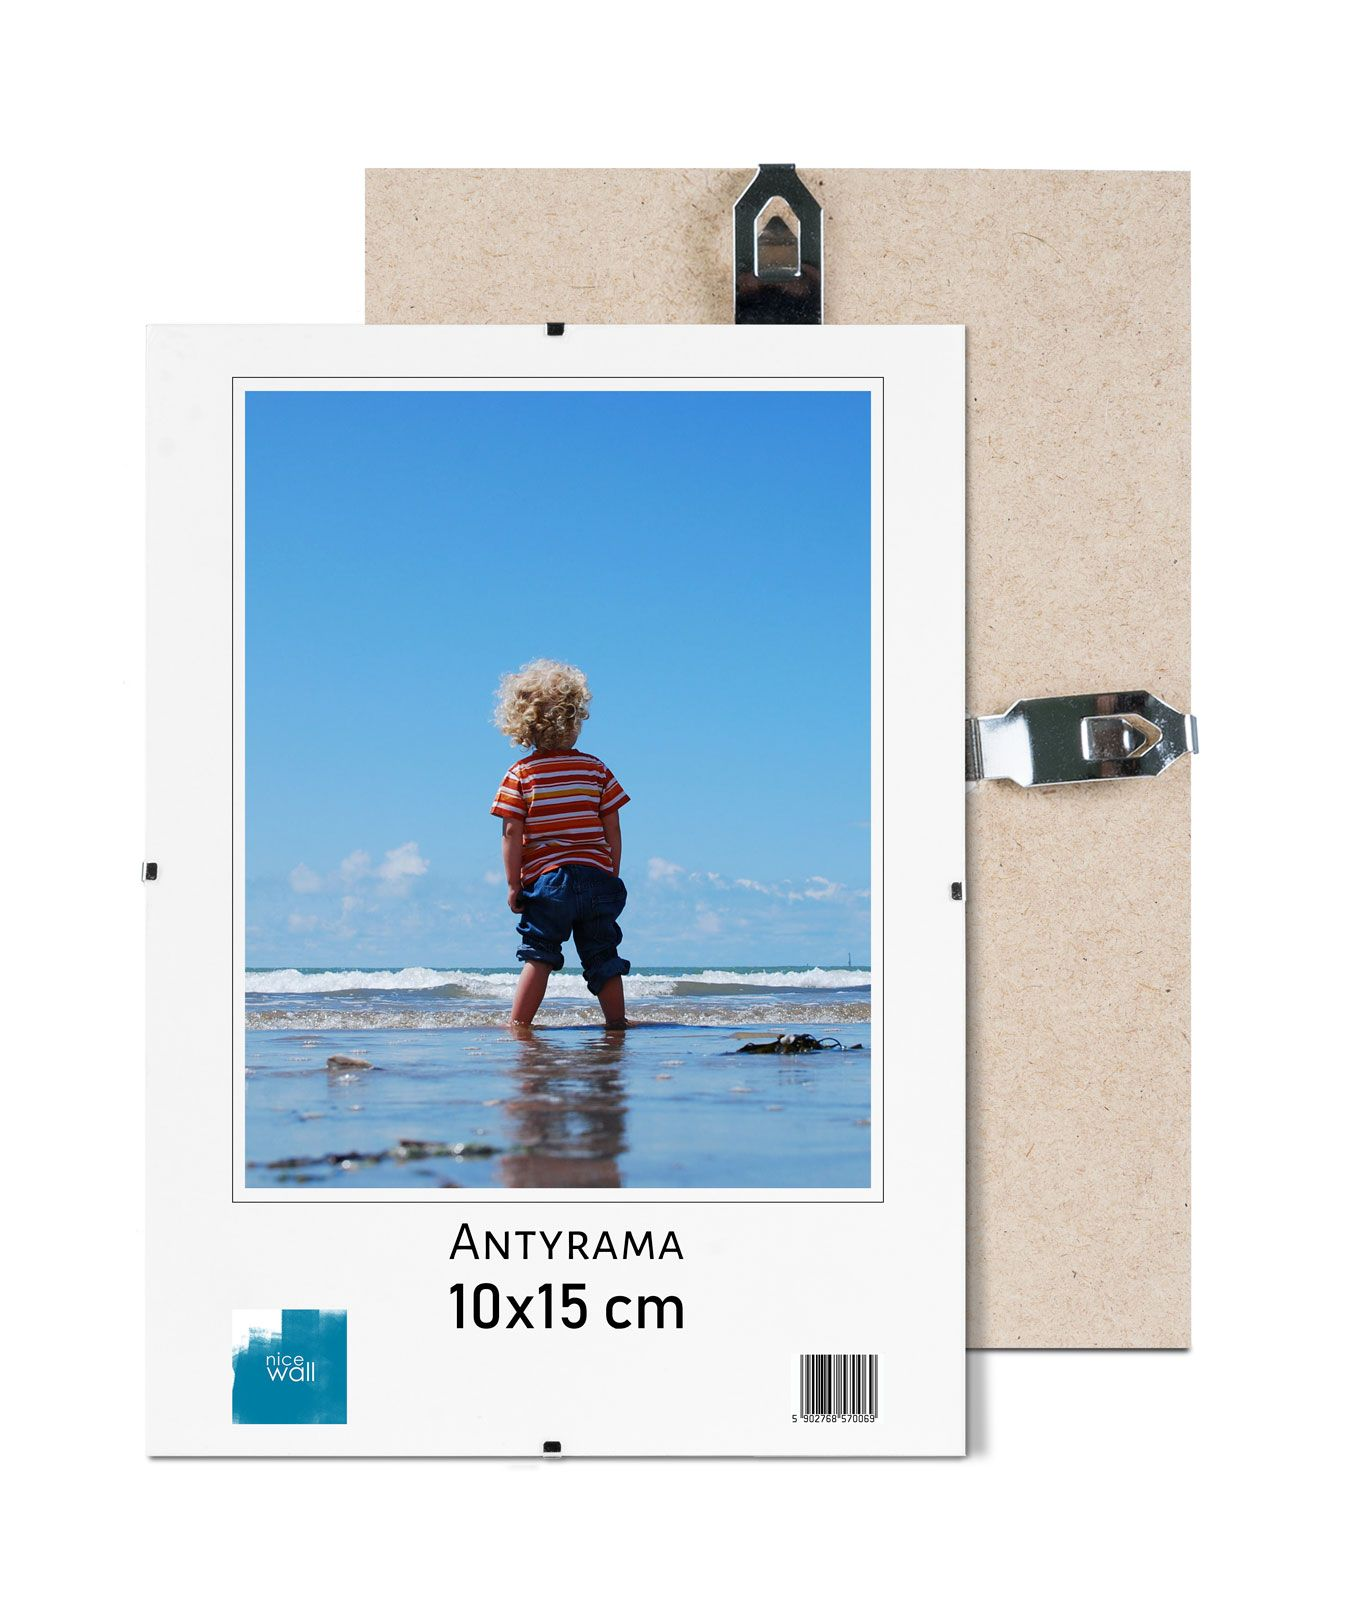 Antyrama 10x15 cm Antyramy 15x10 cm Foto ramka A6